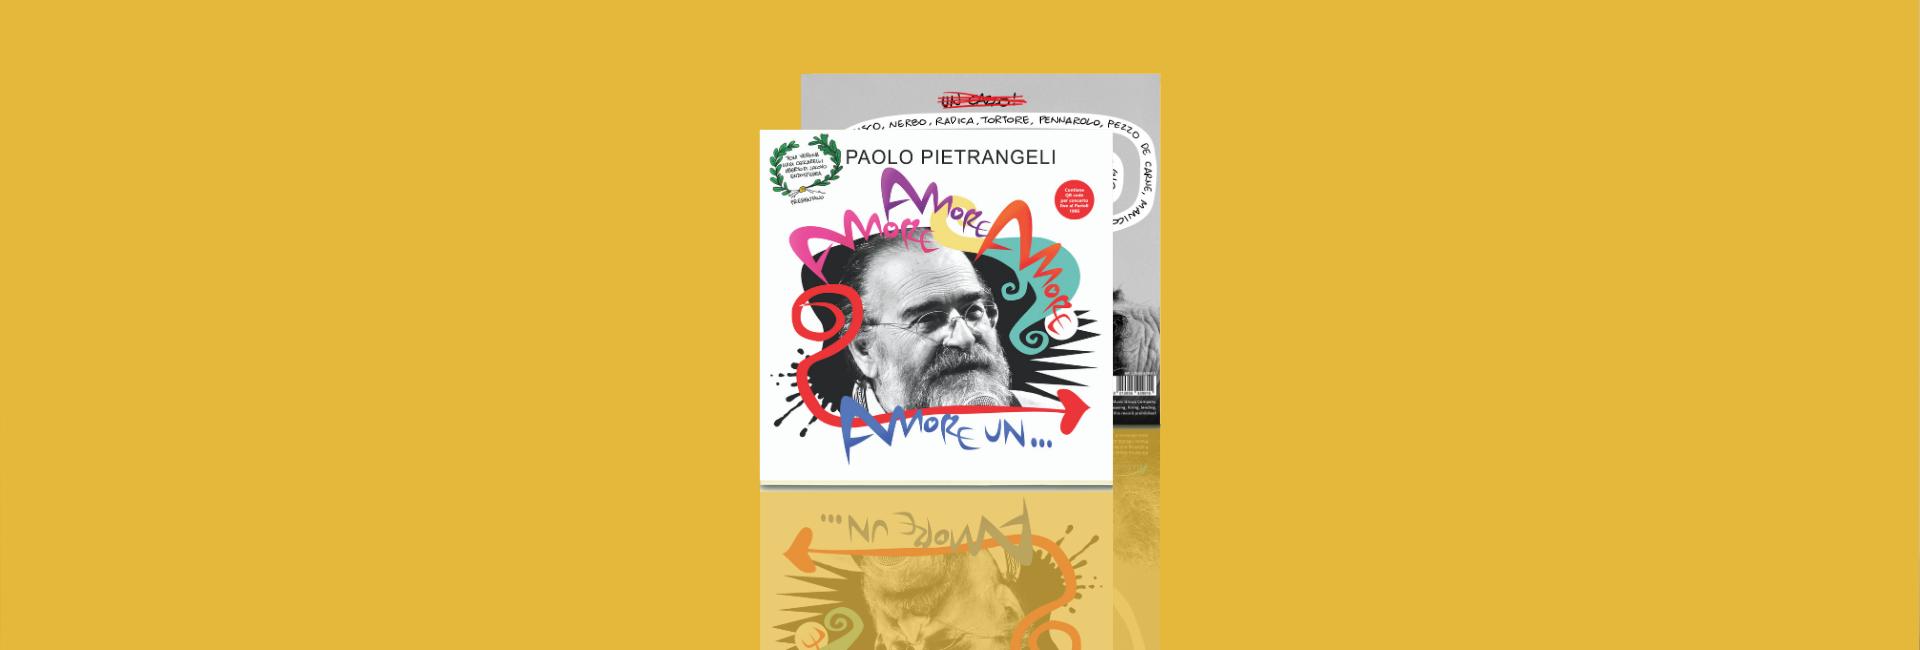 """""""Amore amore amore, amore un c.…"""" l'ultimo disco di Paolo Pietrangeli"""